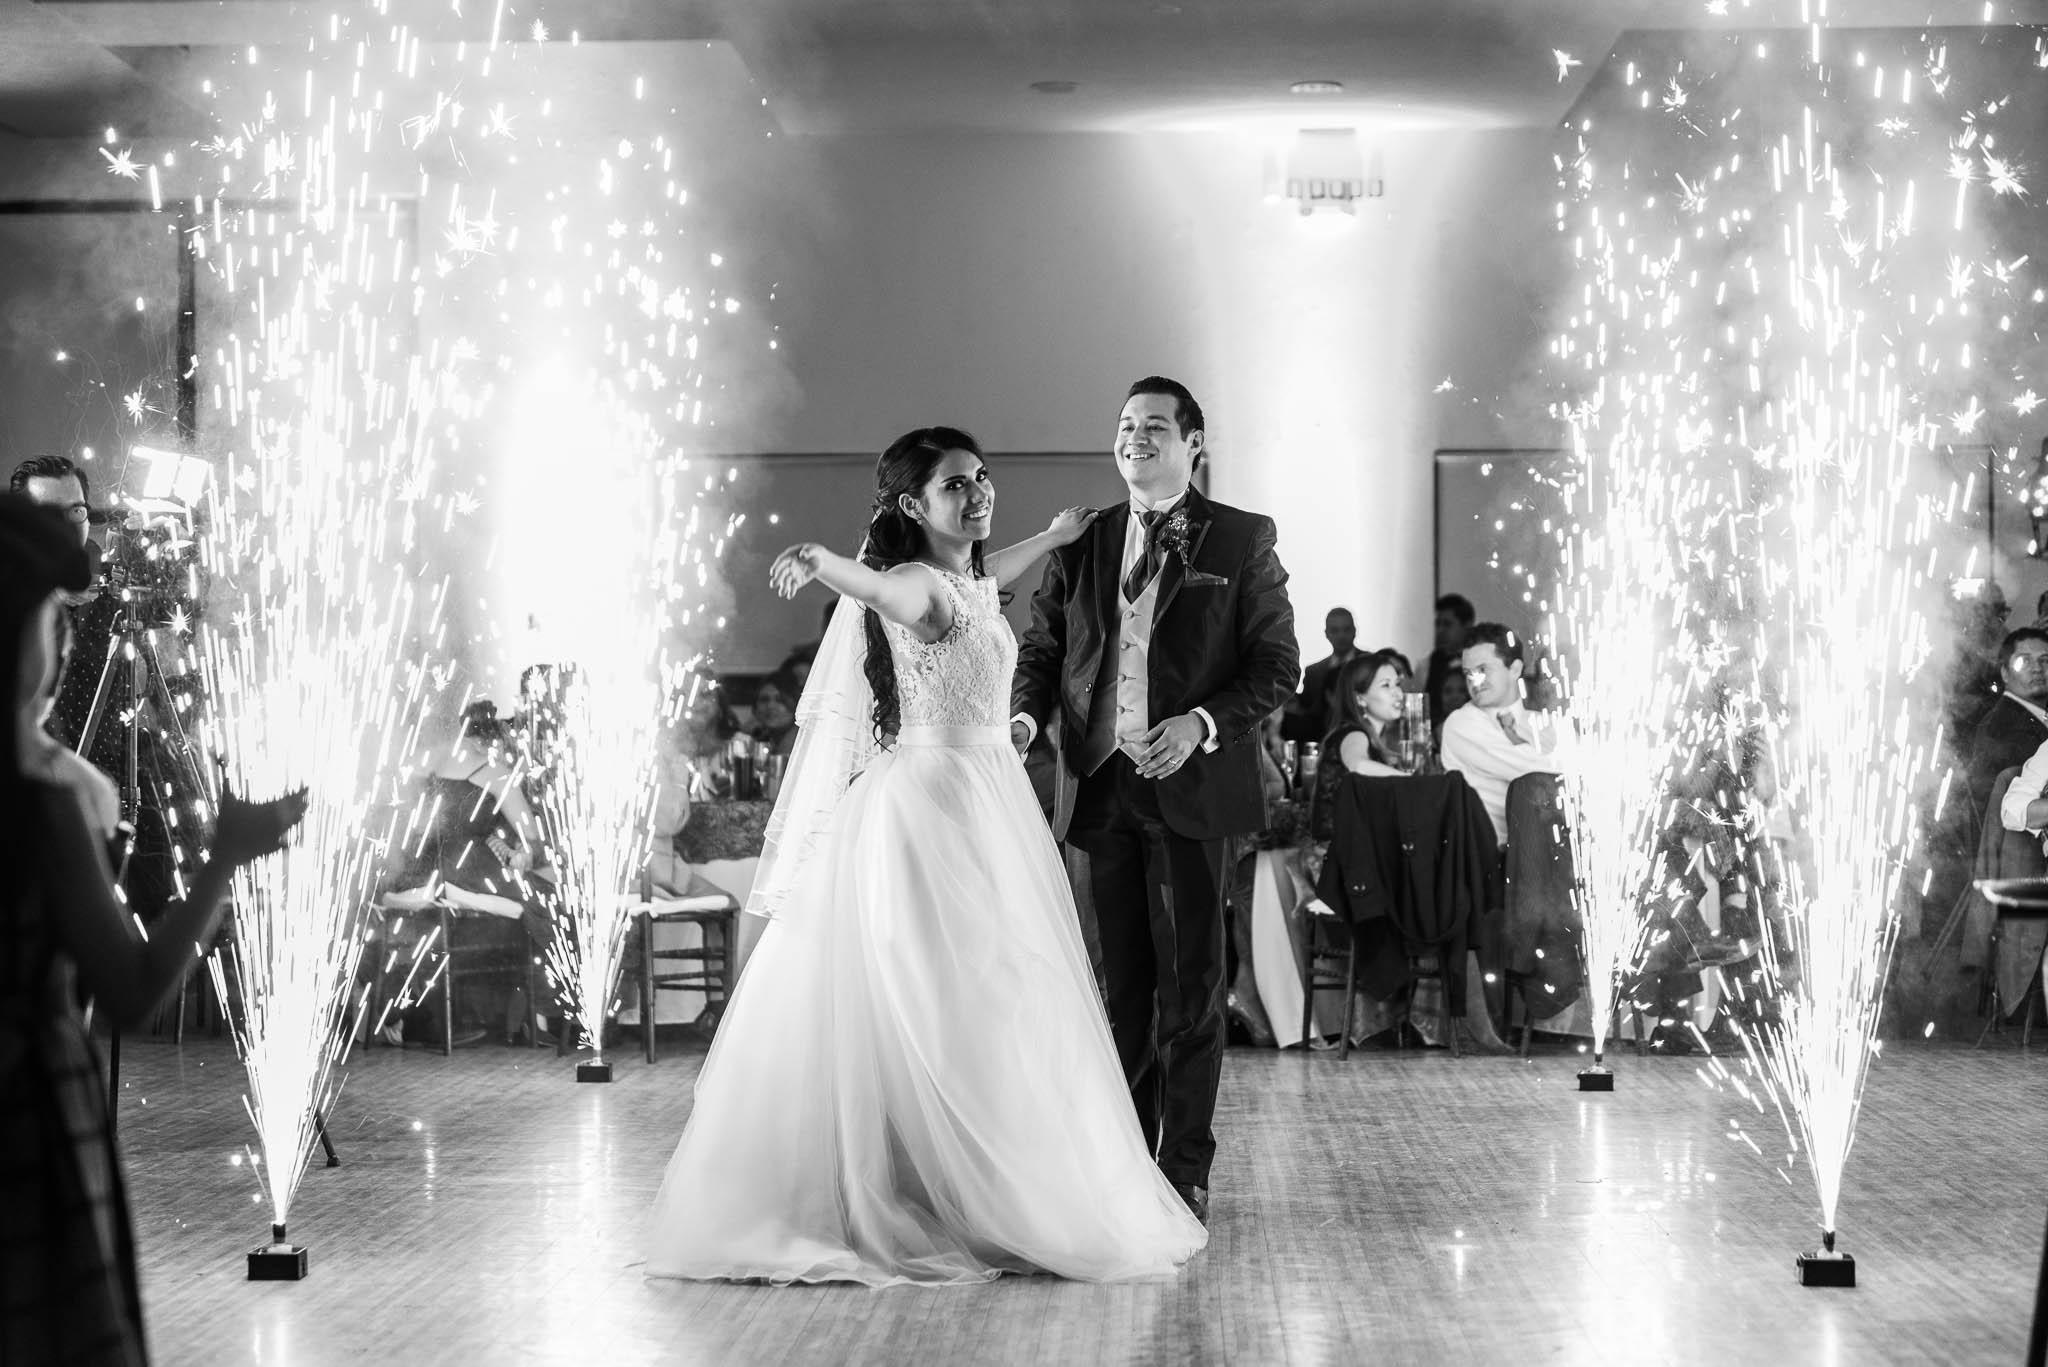 fotografo de bodas san luis potosi boda mexico wedding destination fotos de boda 211